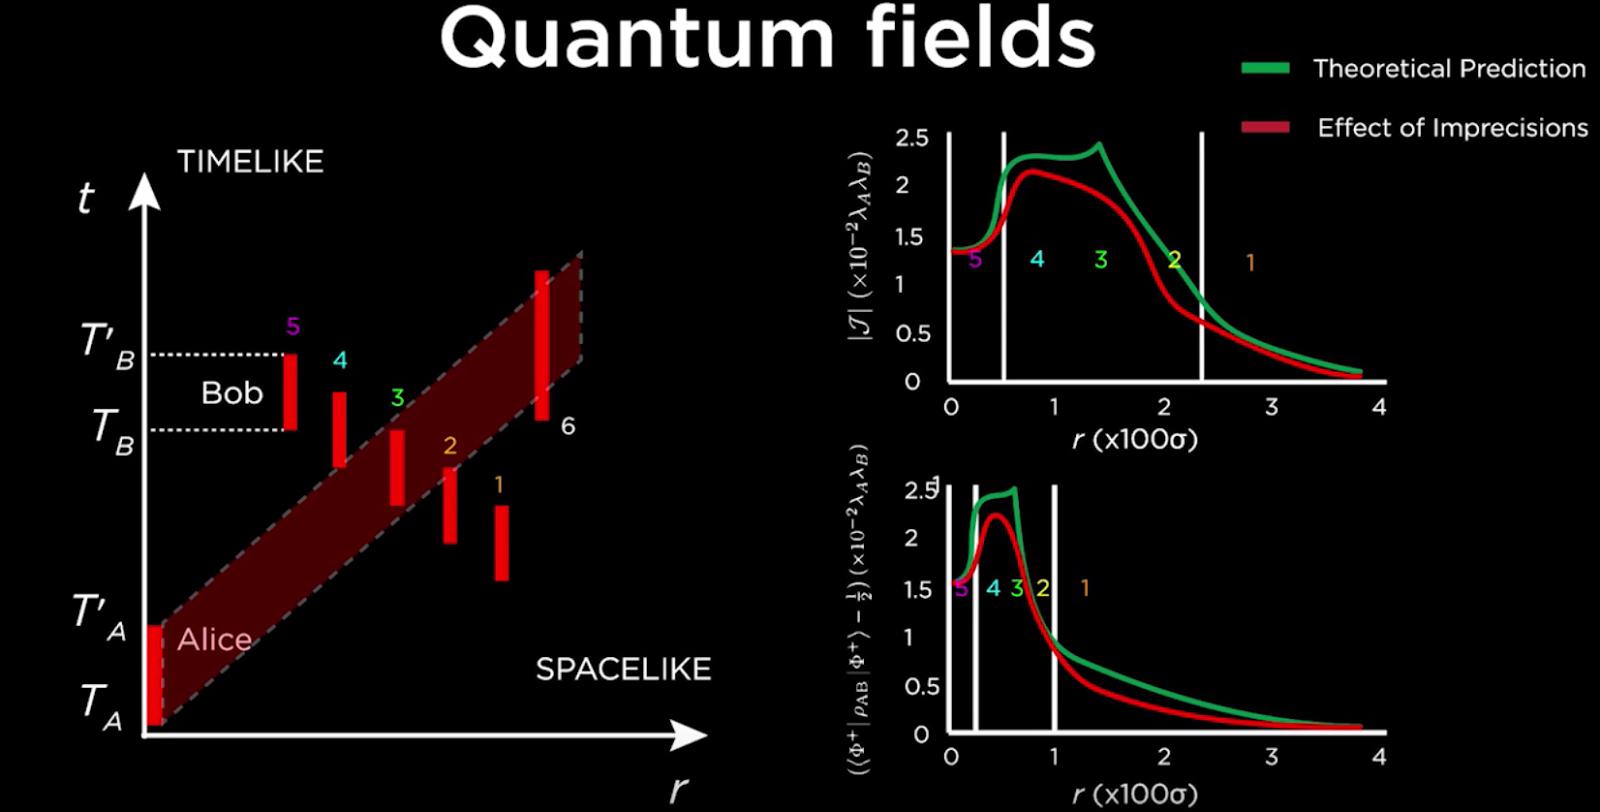 Quantum Entanglement harvesting in a vacuum | NextBigFuture.com